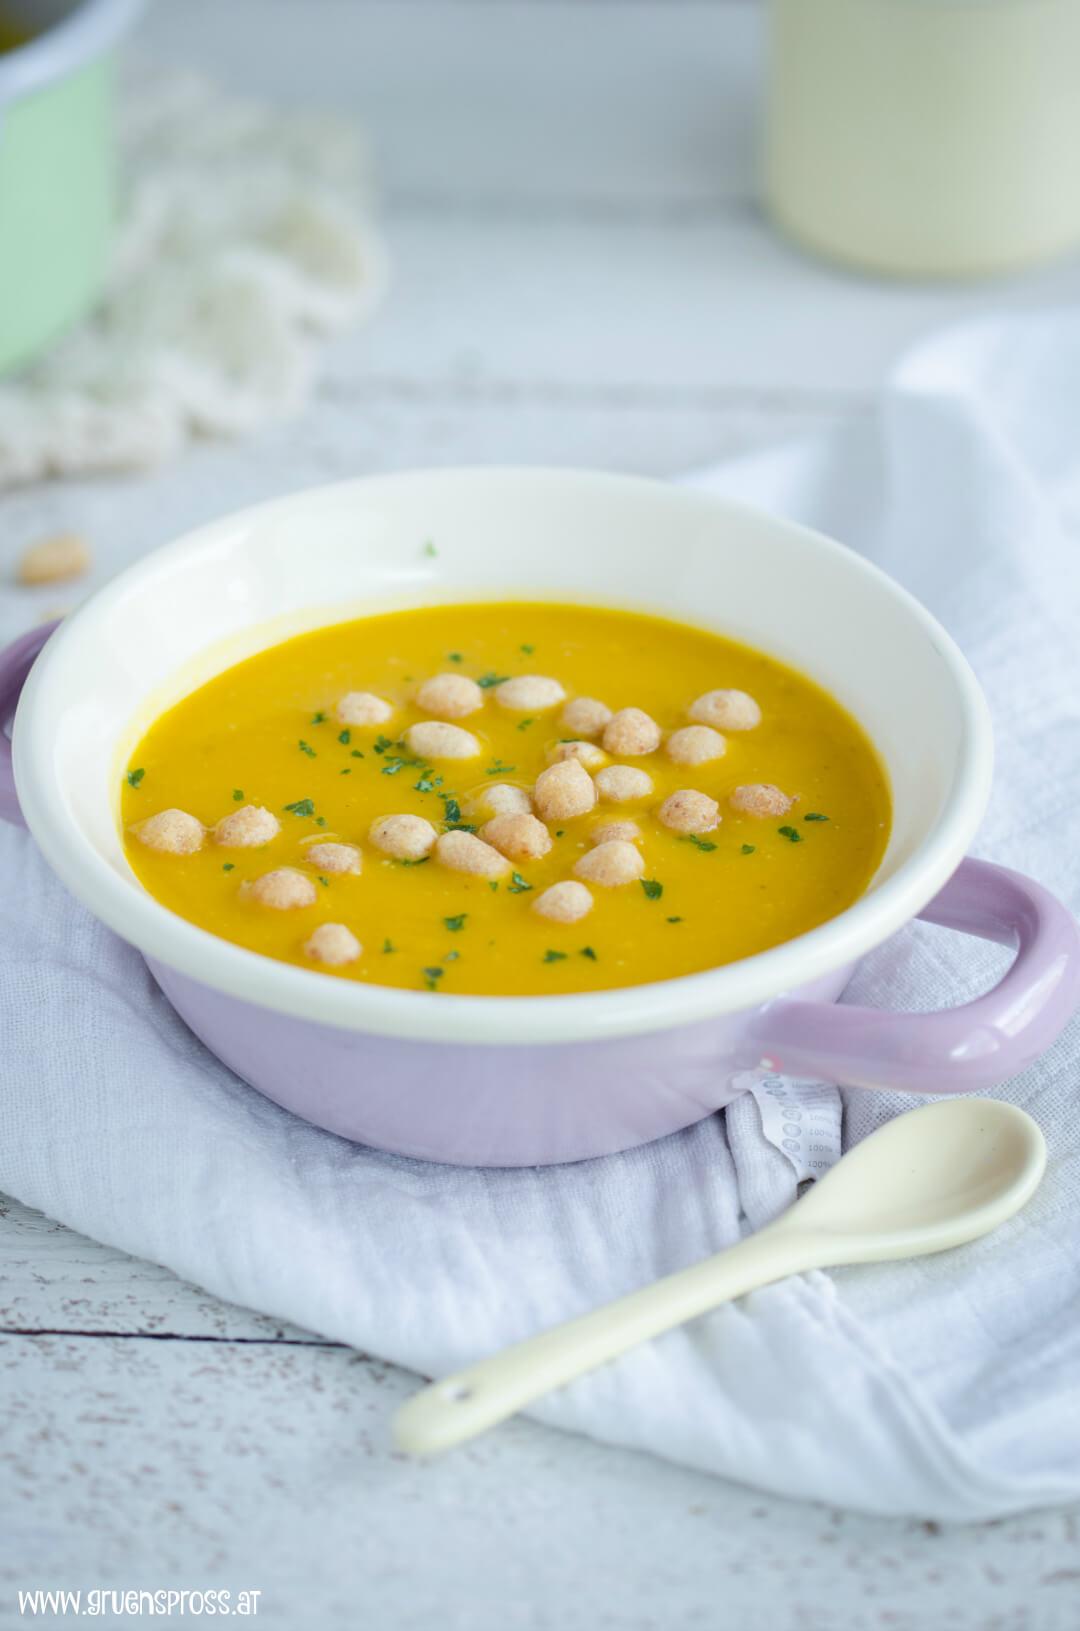 herbstliche-suppe